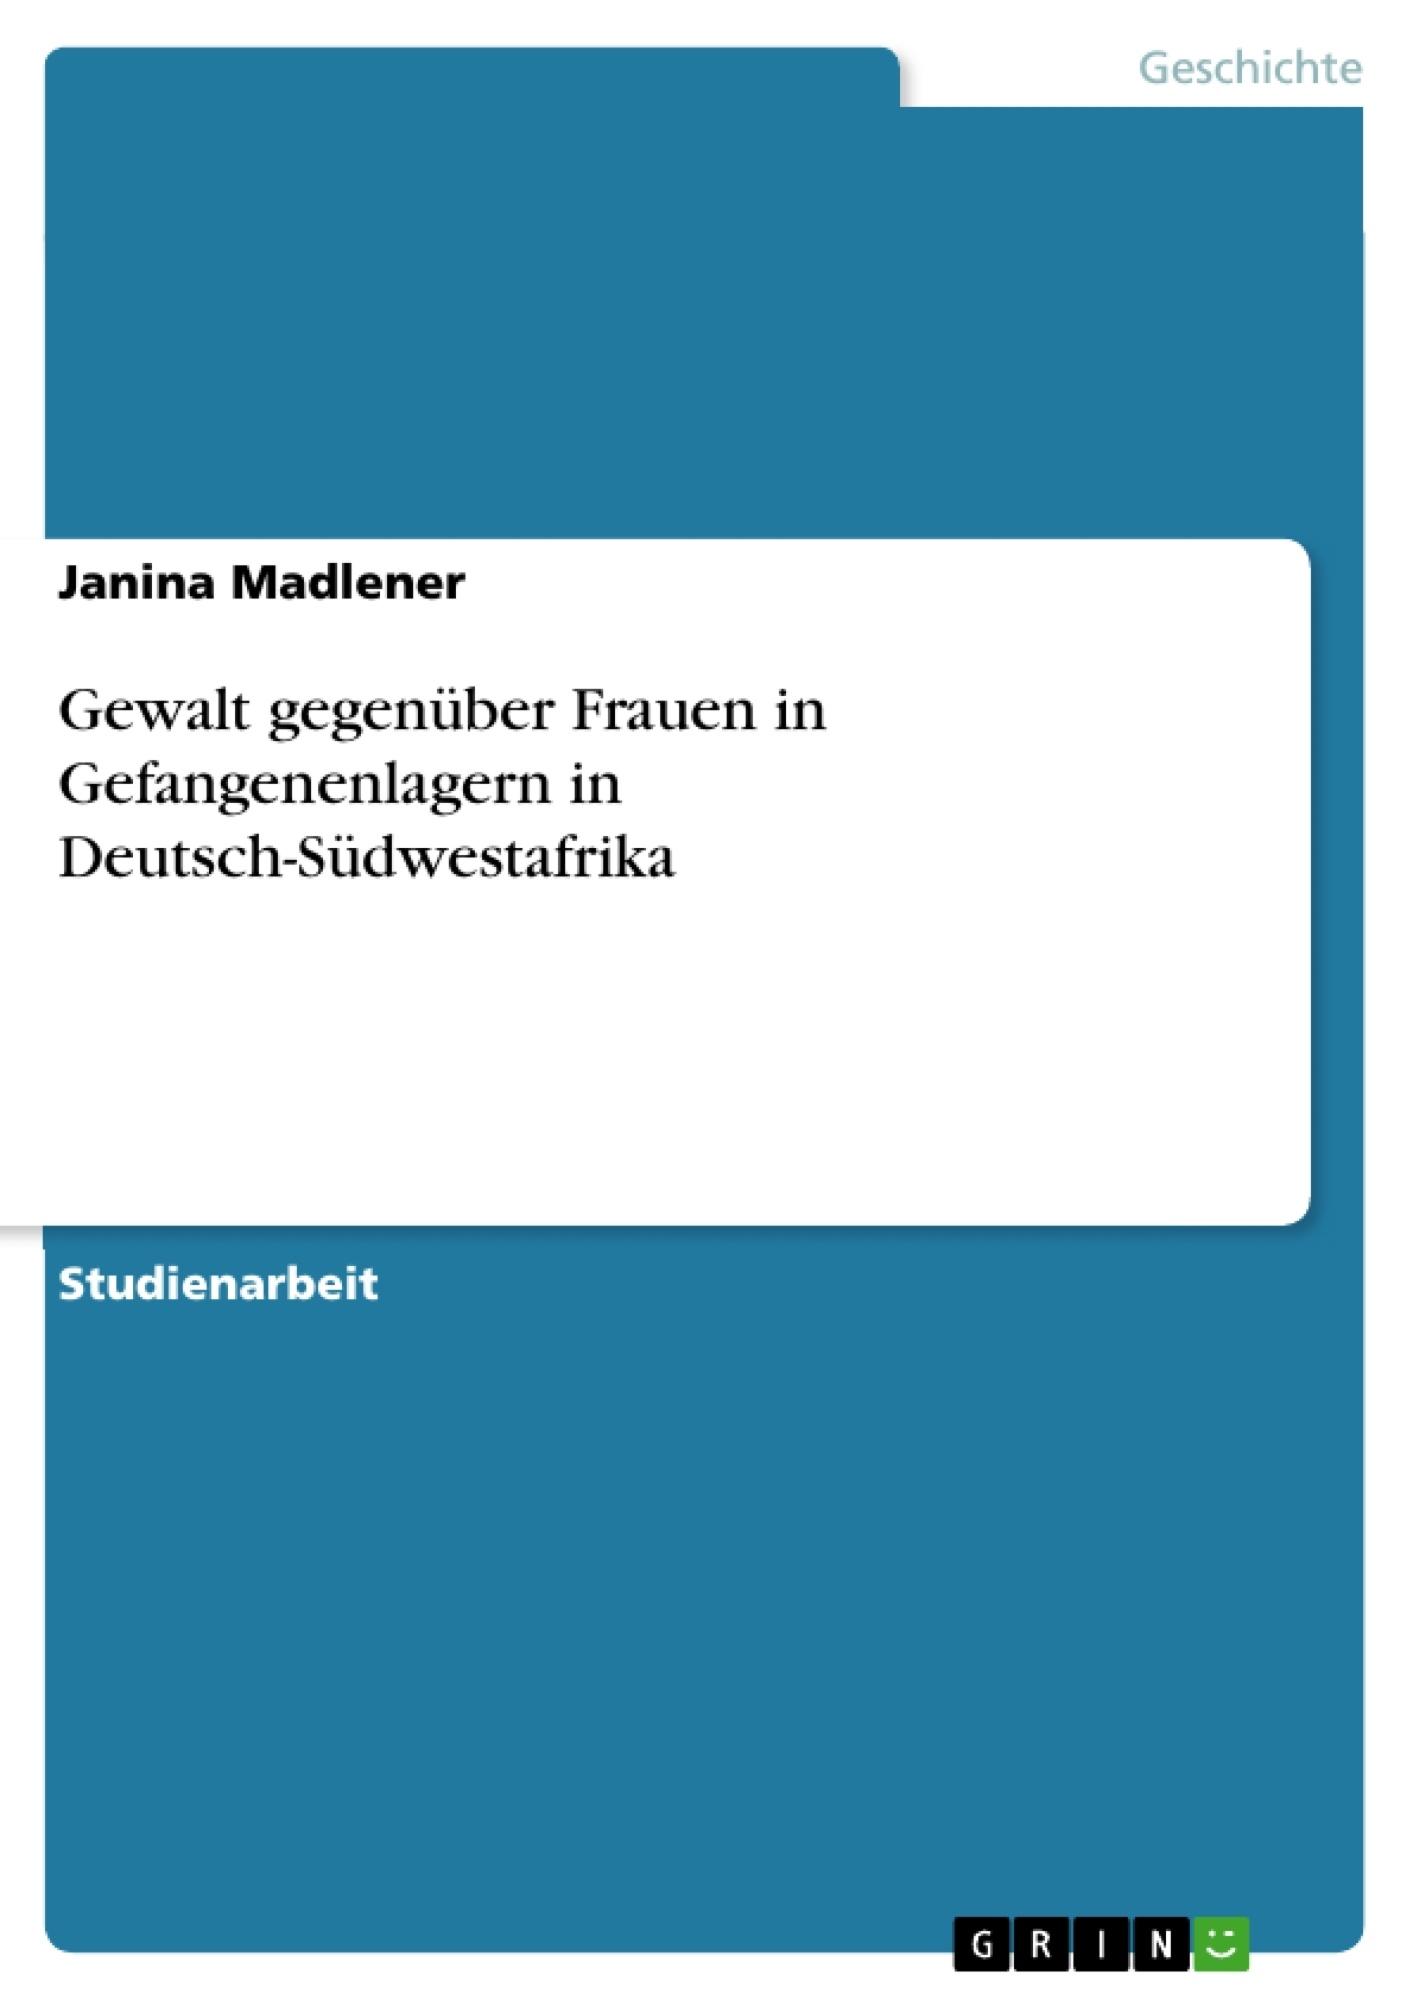 Titel: Gewalt gegenüber Frauen in Gefangenenlagern in Deutsch-Südwestafrika